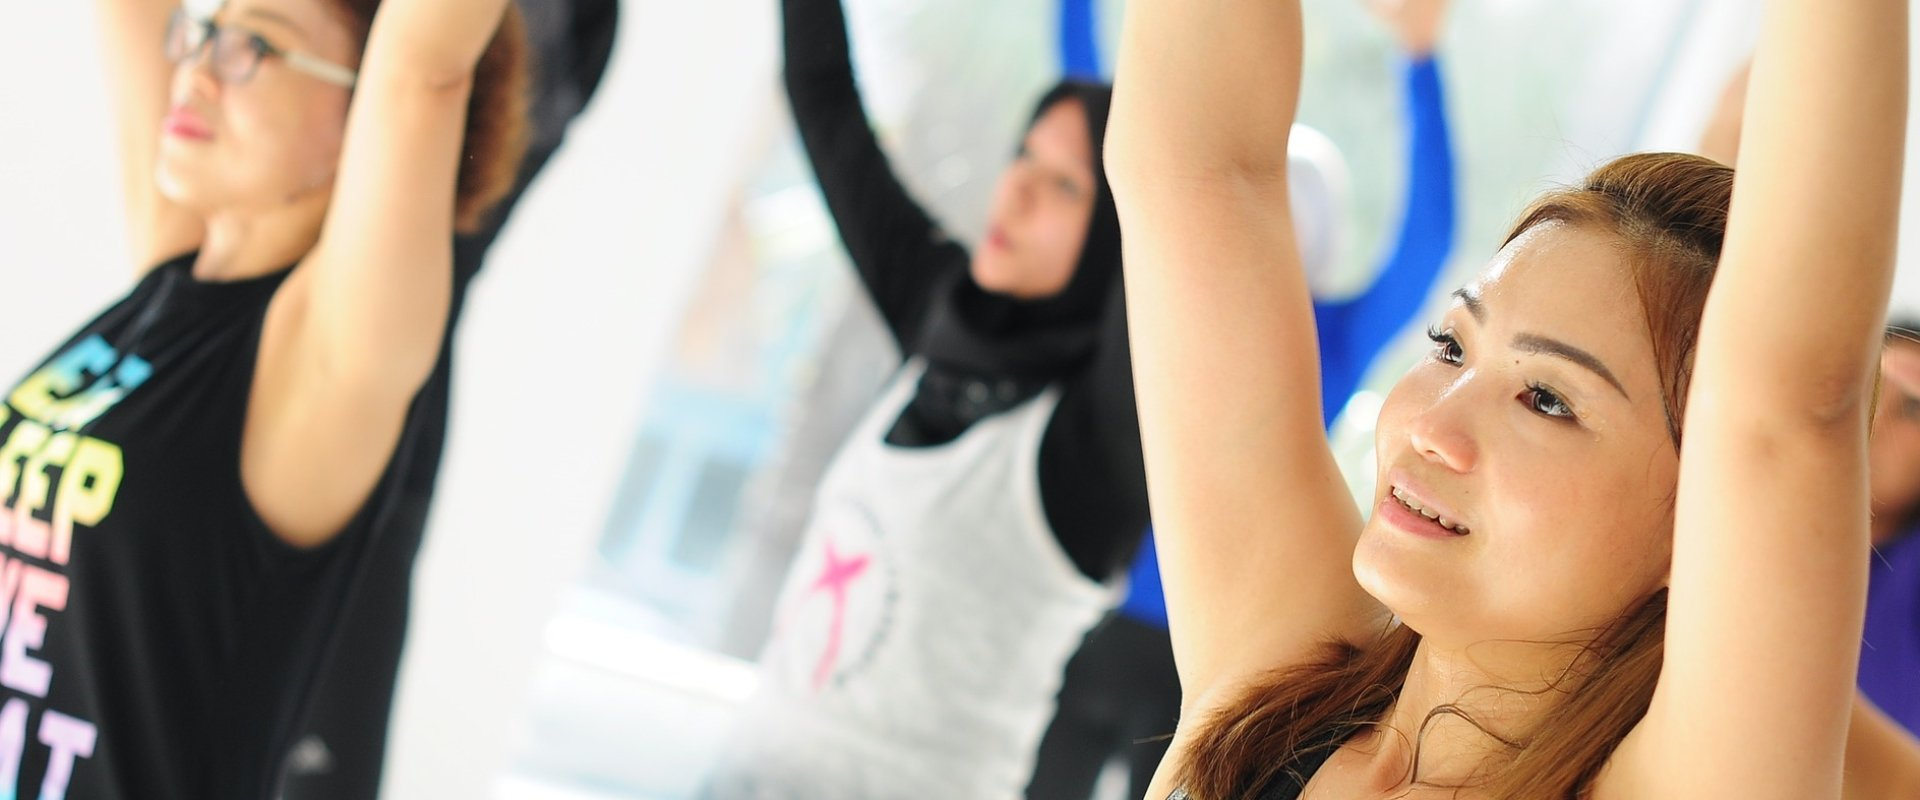 Vrouwen sportschool in Katwijk maar waarom eigenlijk?